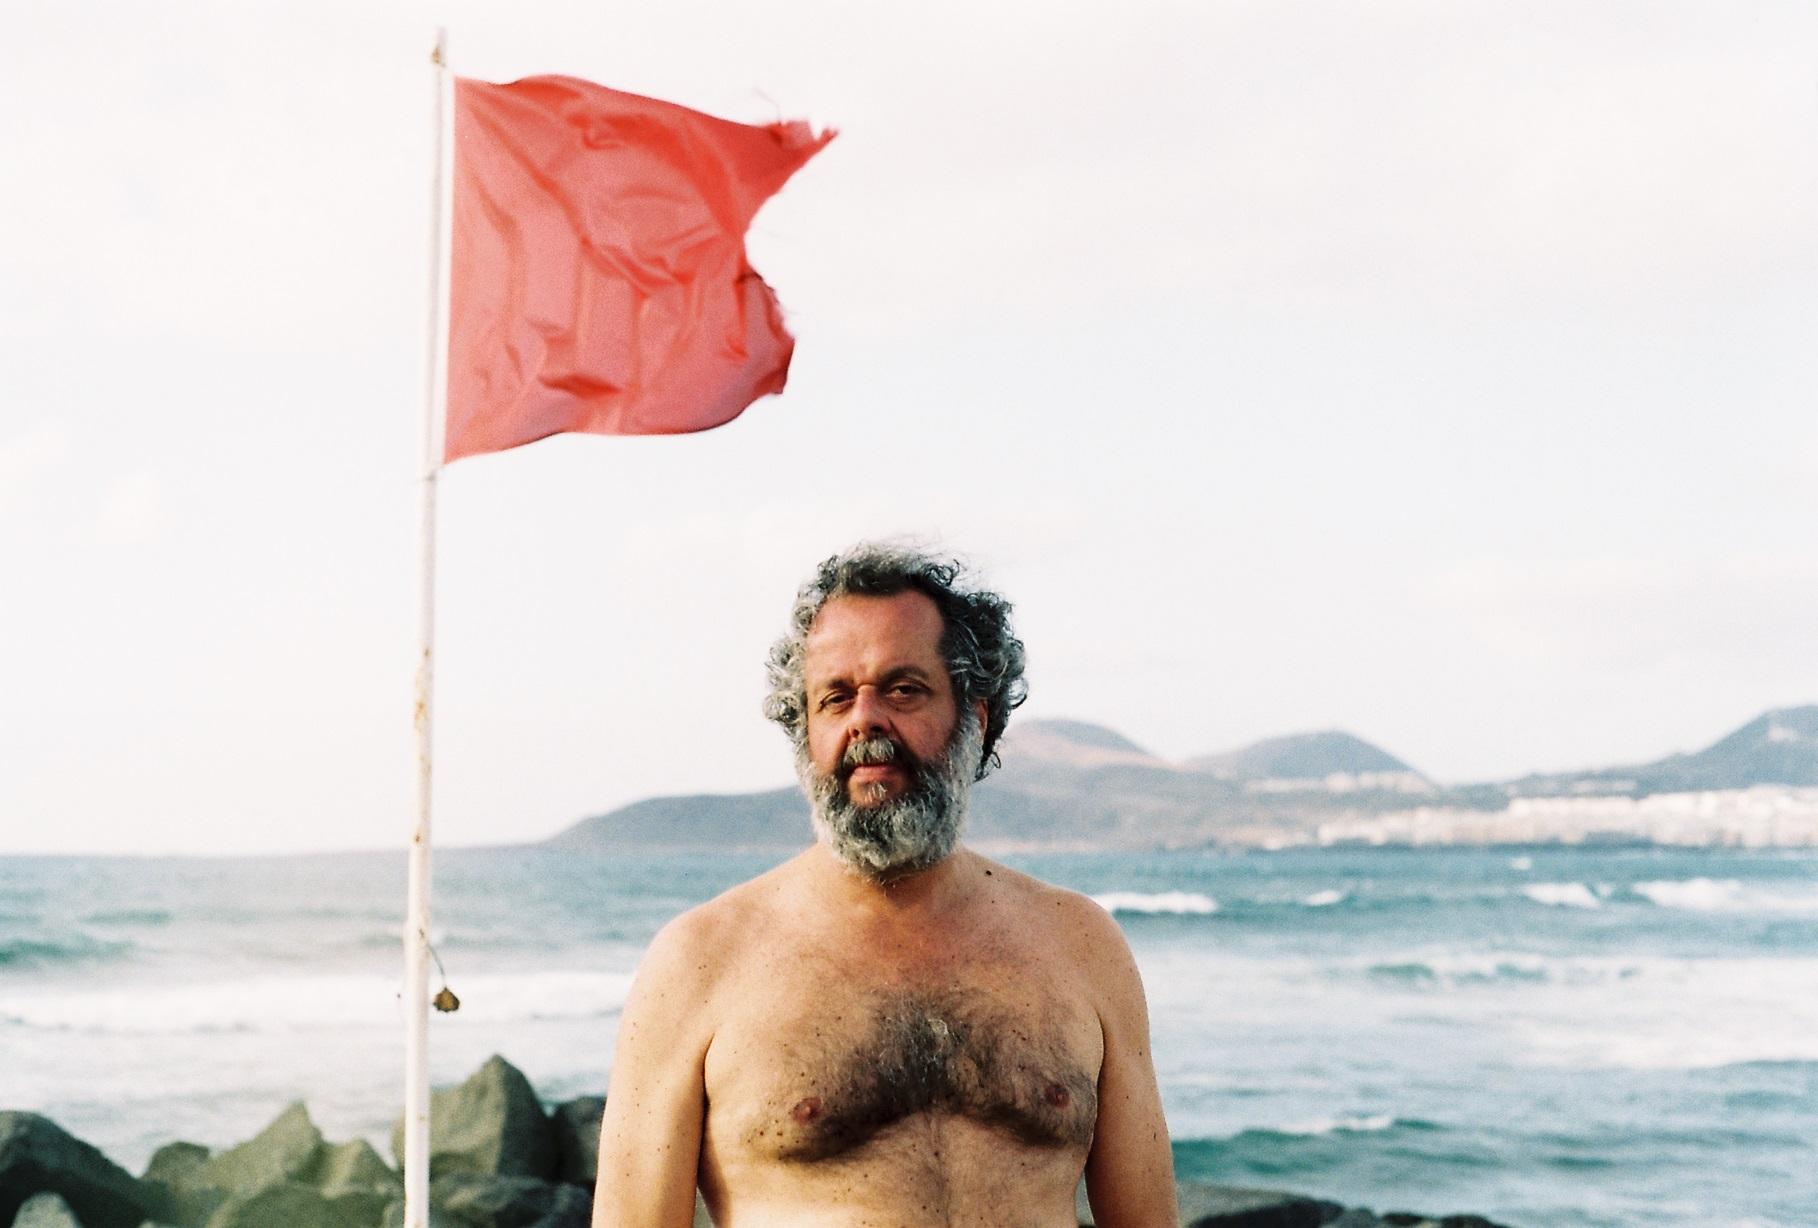 Luifer Rodríguez propone Trasfondos de una ciudad marítima